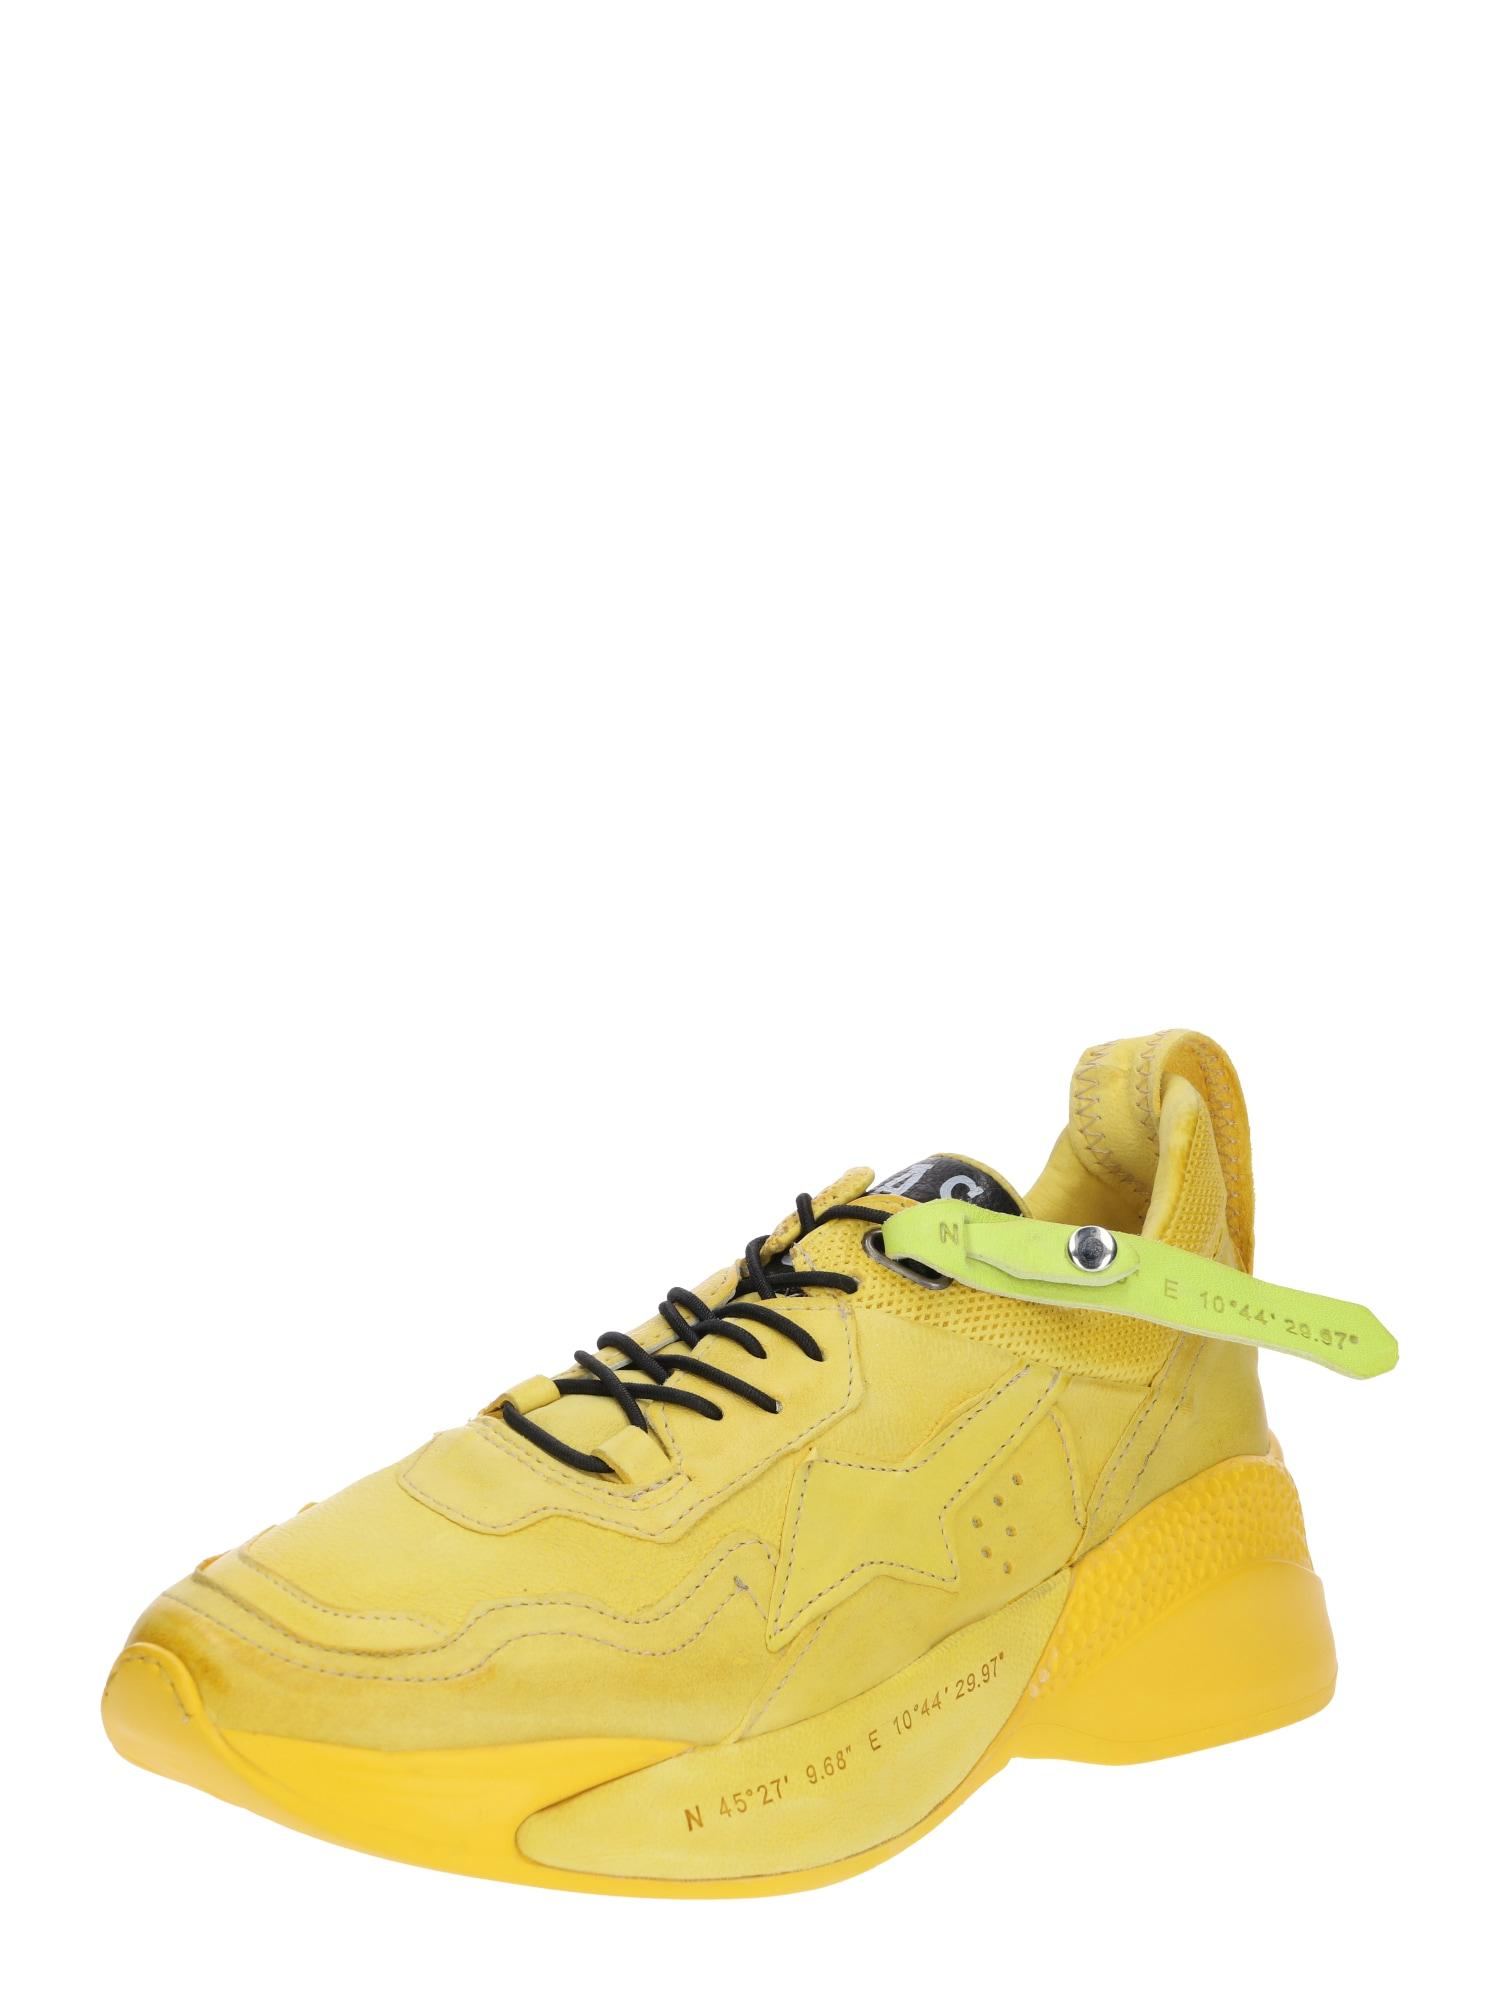 Tenisky LUZ žlutá A.S.98